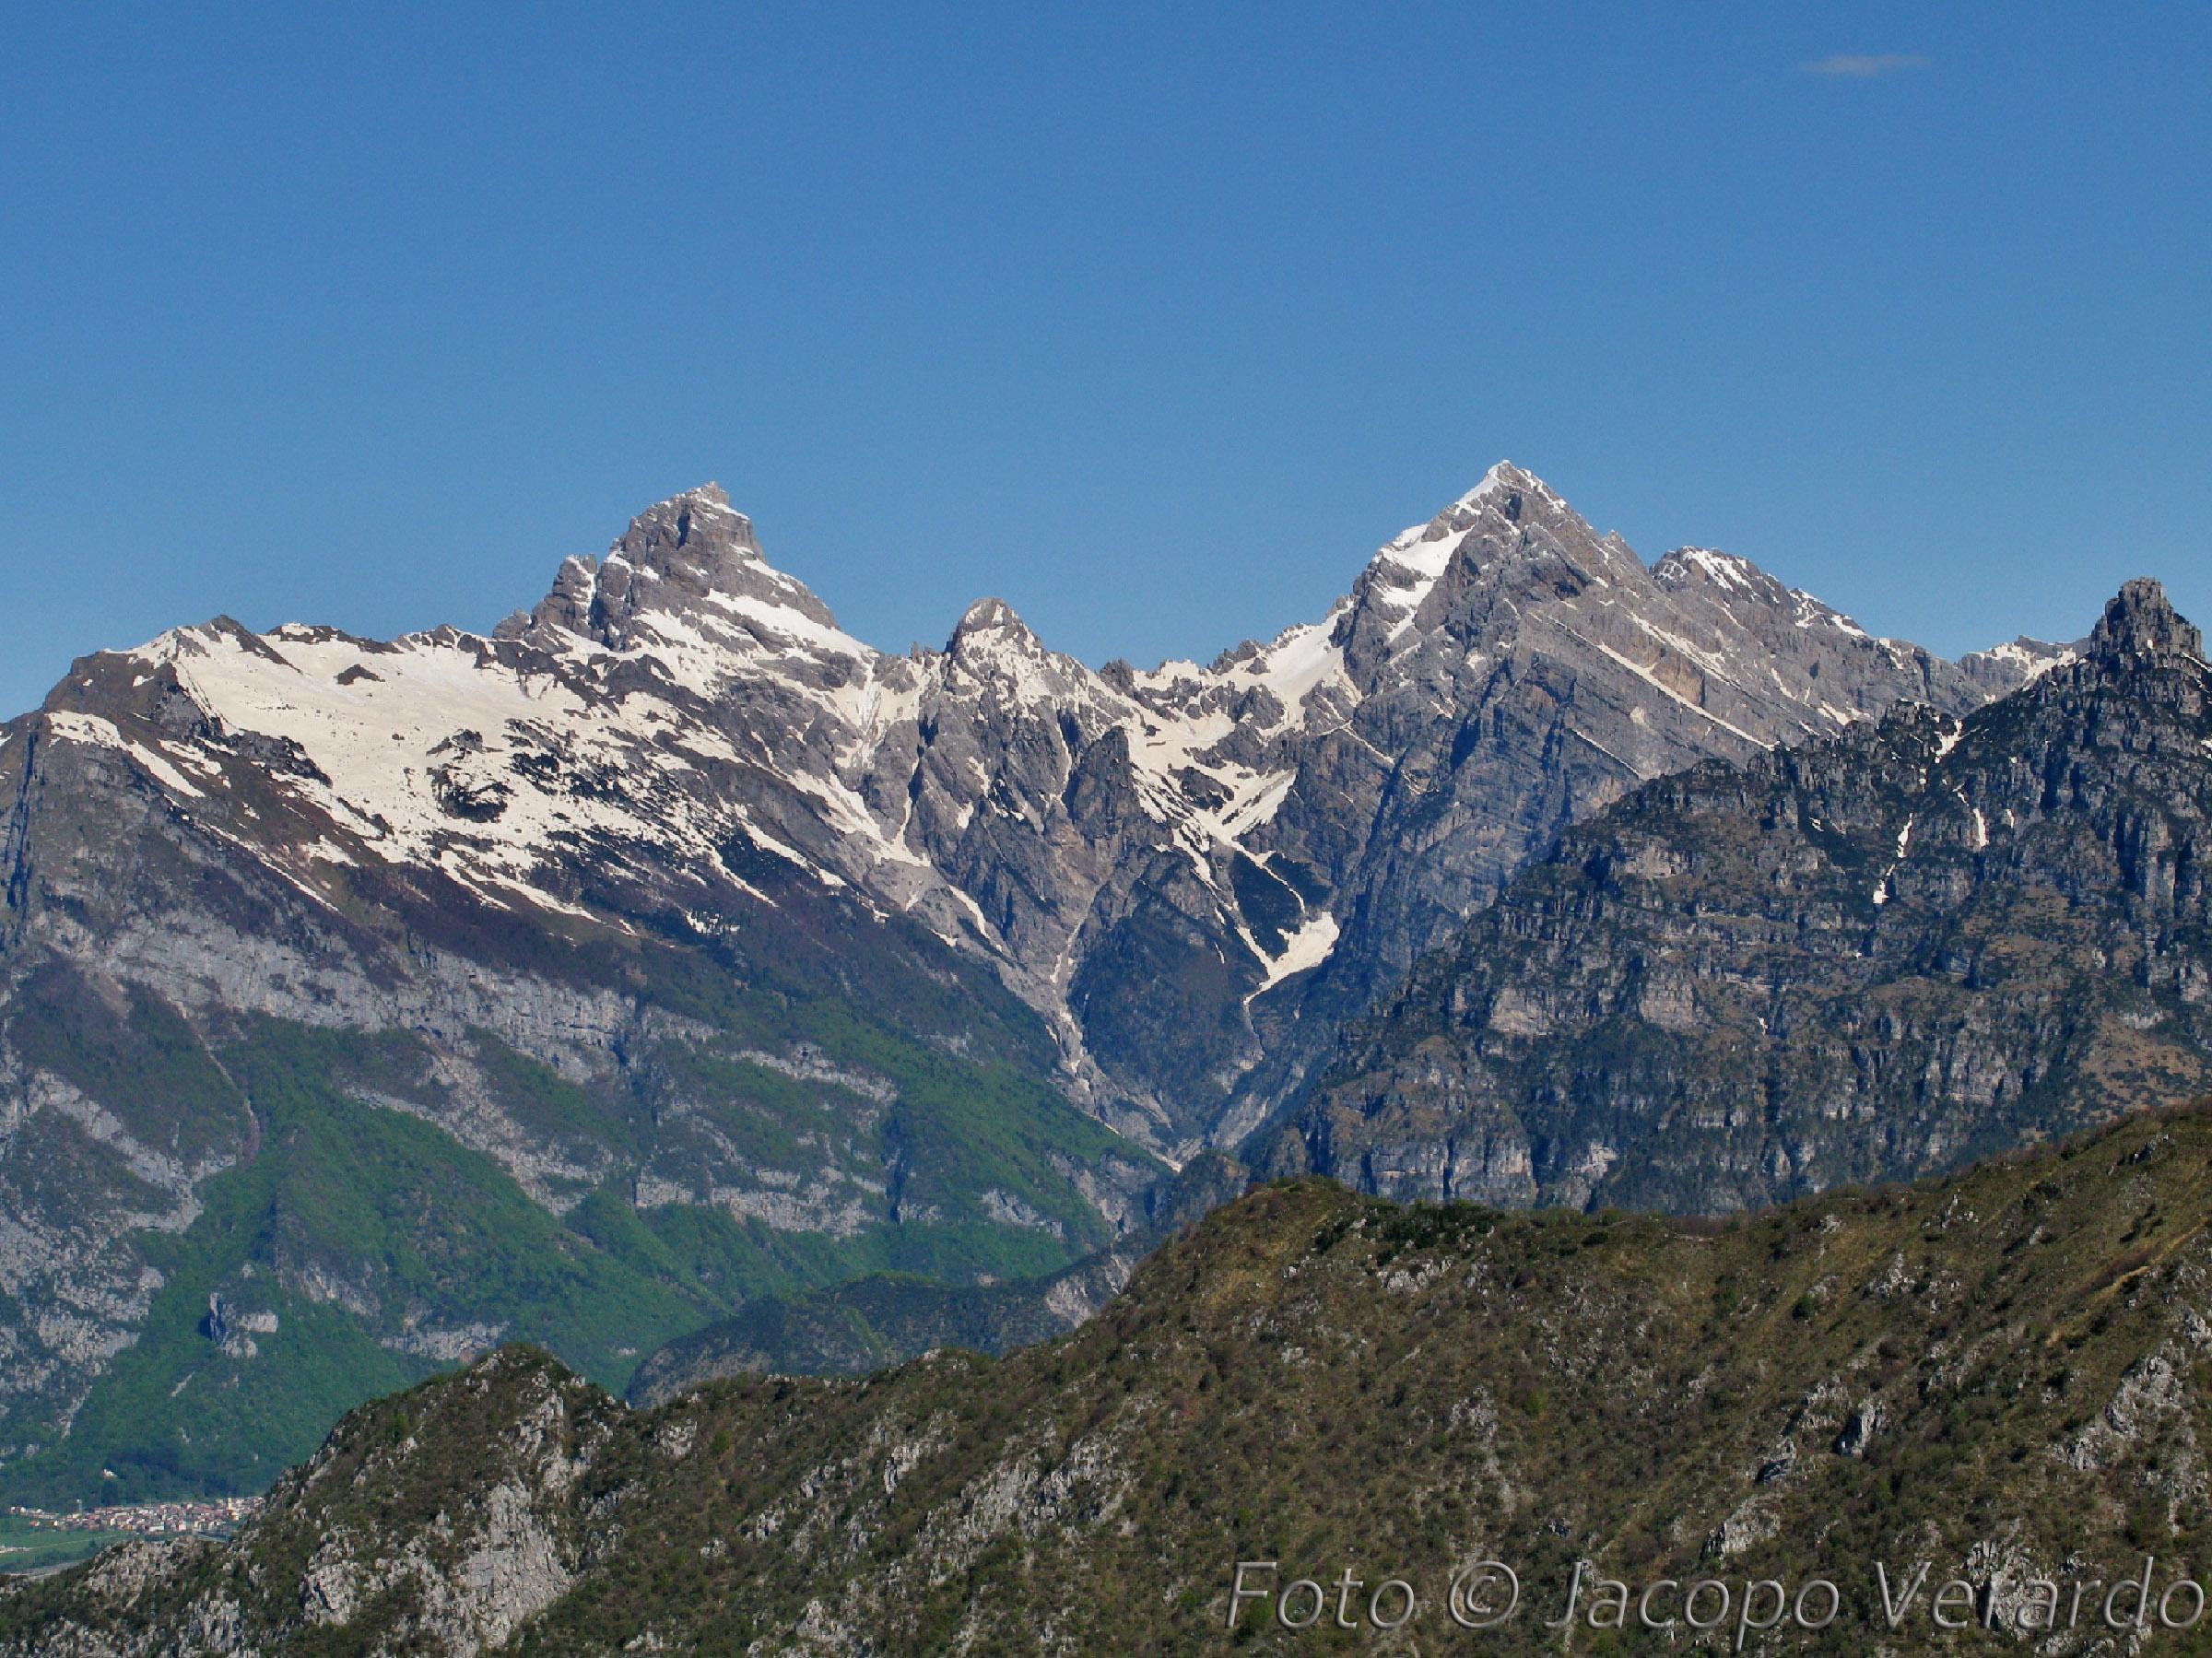 Duranno, Cima dei Frati e Cima dei Preti dal Monte Cuvil